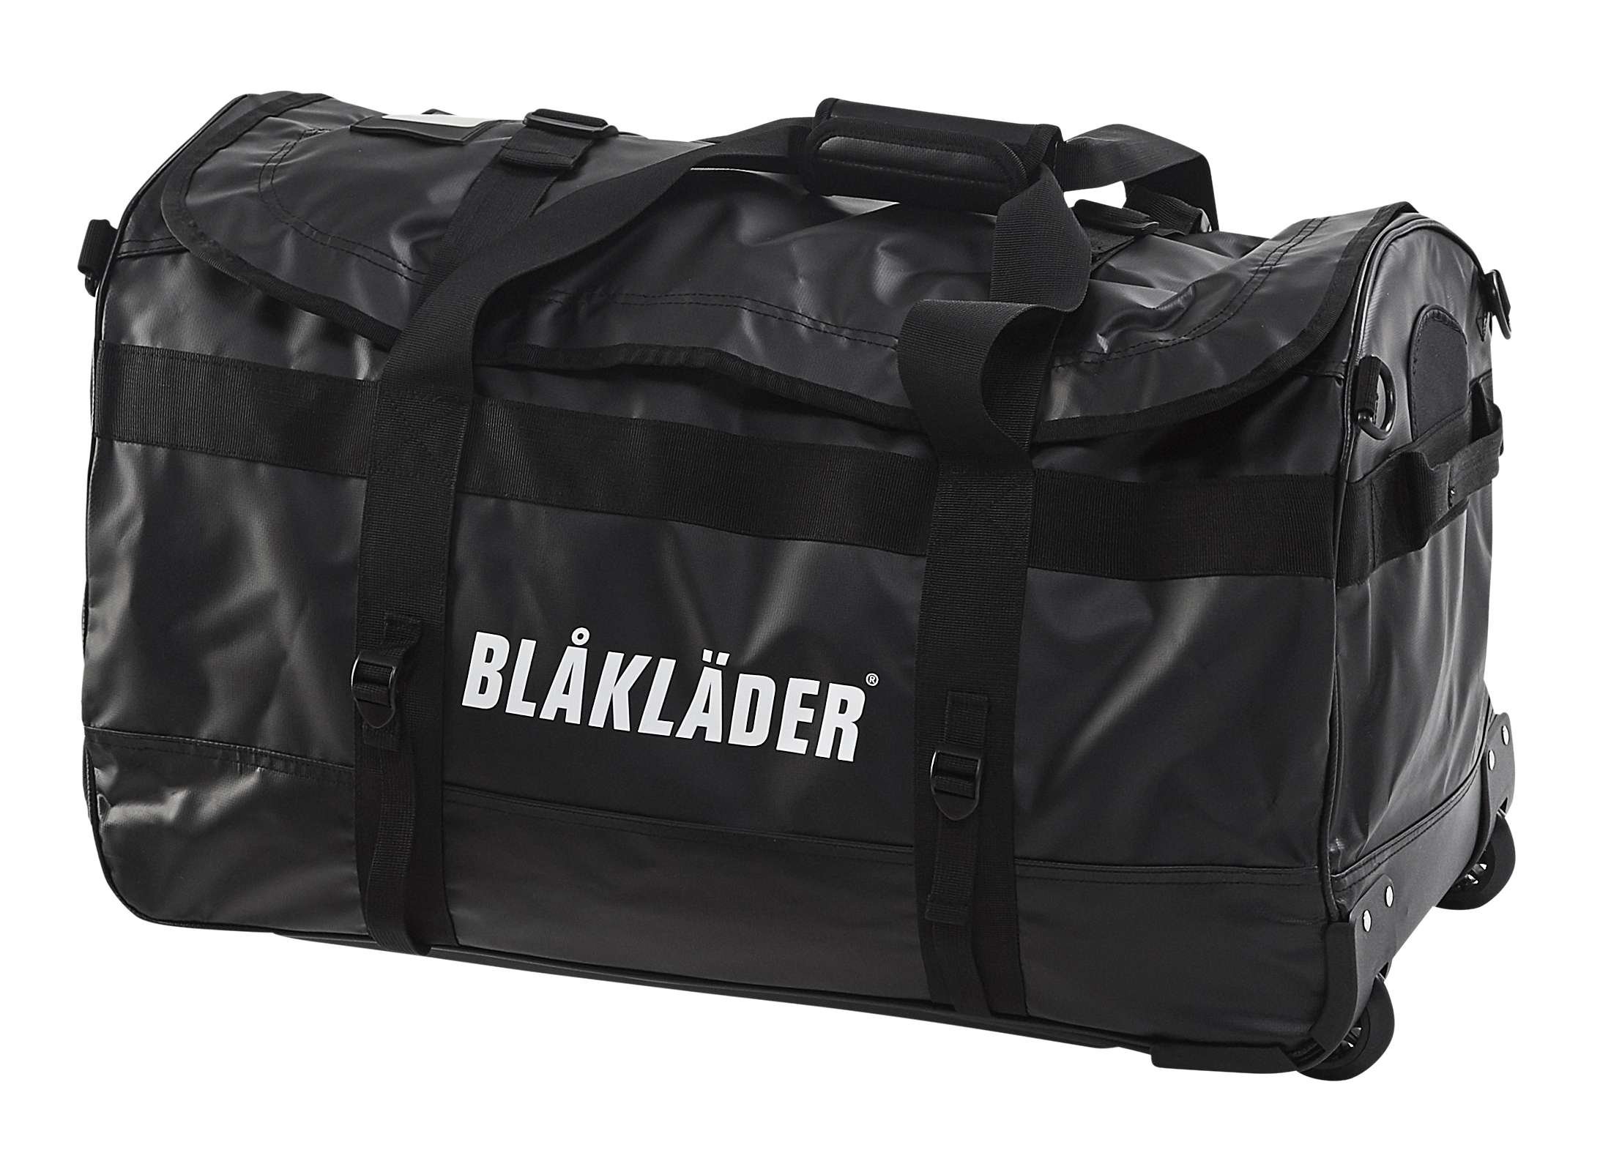 Blaklader Reistassen 30990000 zwart(9900)